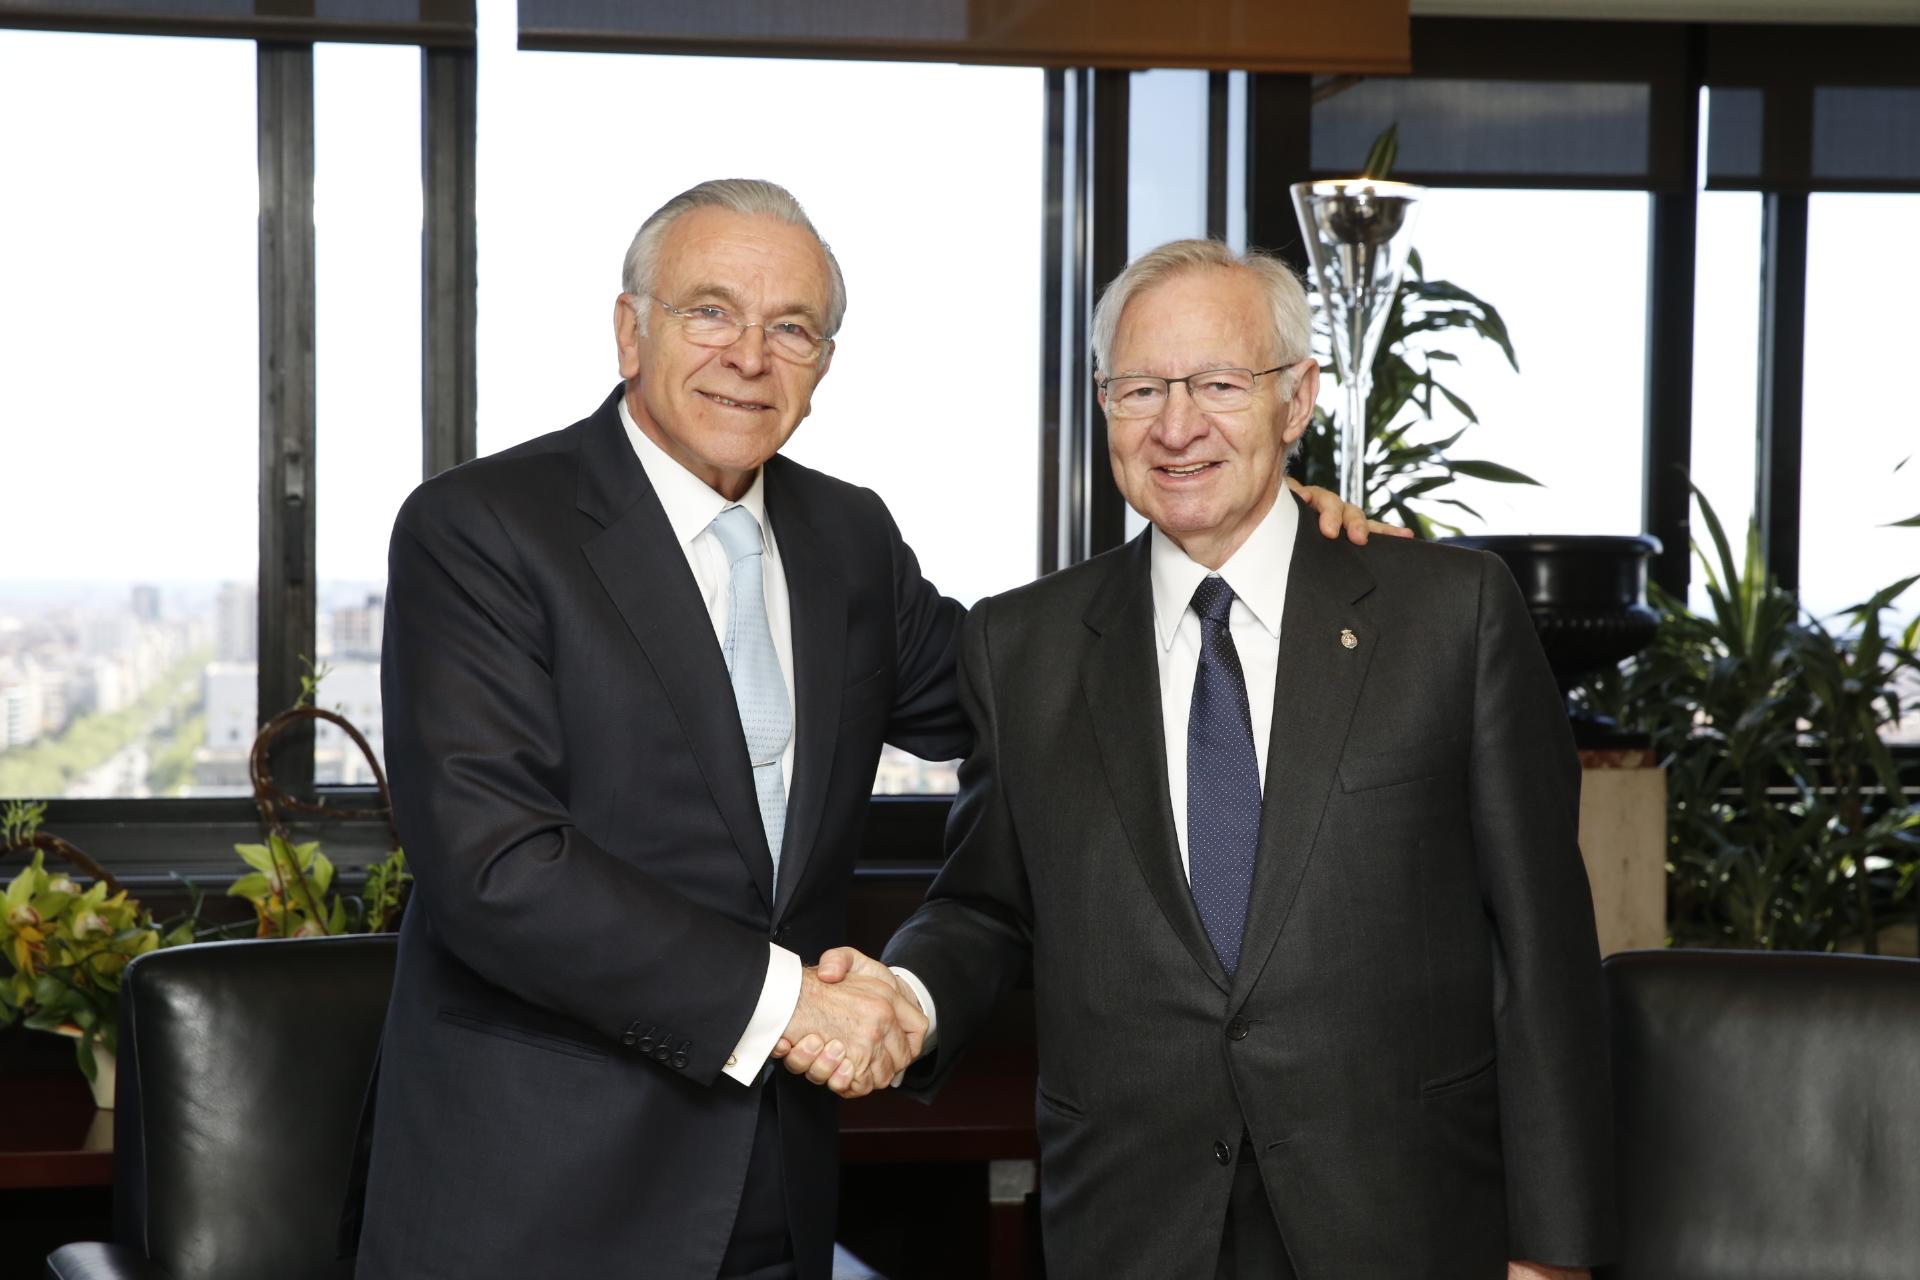 Isidro Fainé y Miquel Valls, durante la firma del acuerdo.